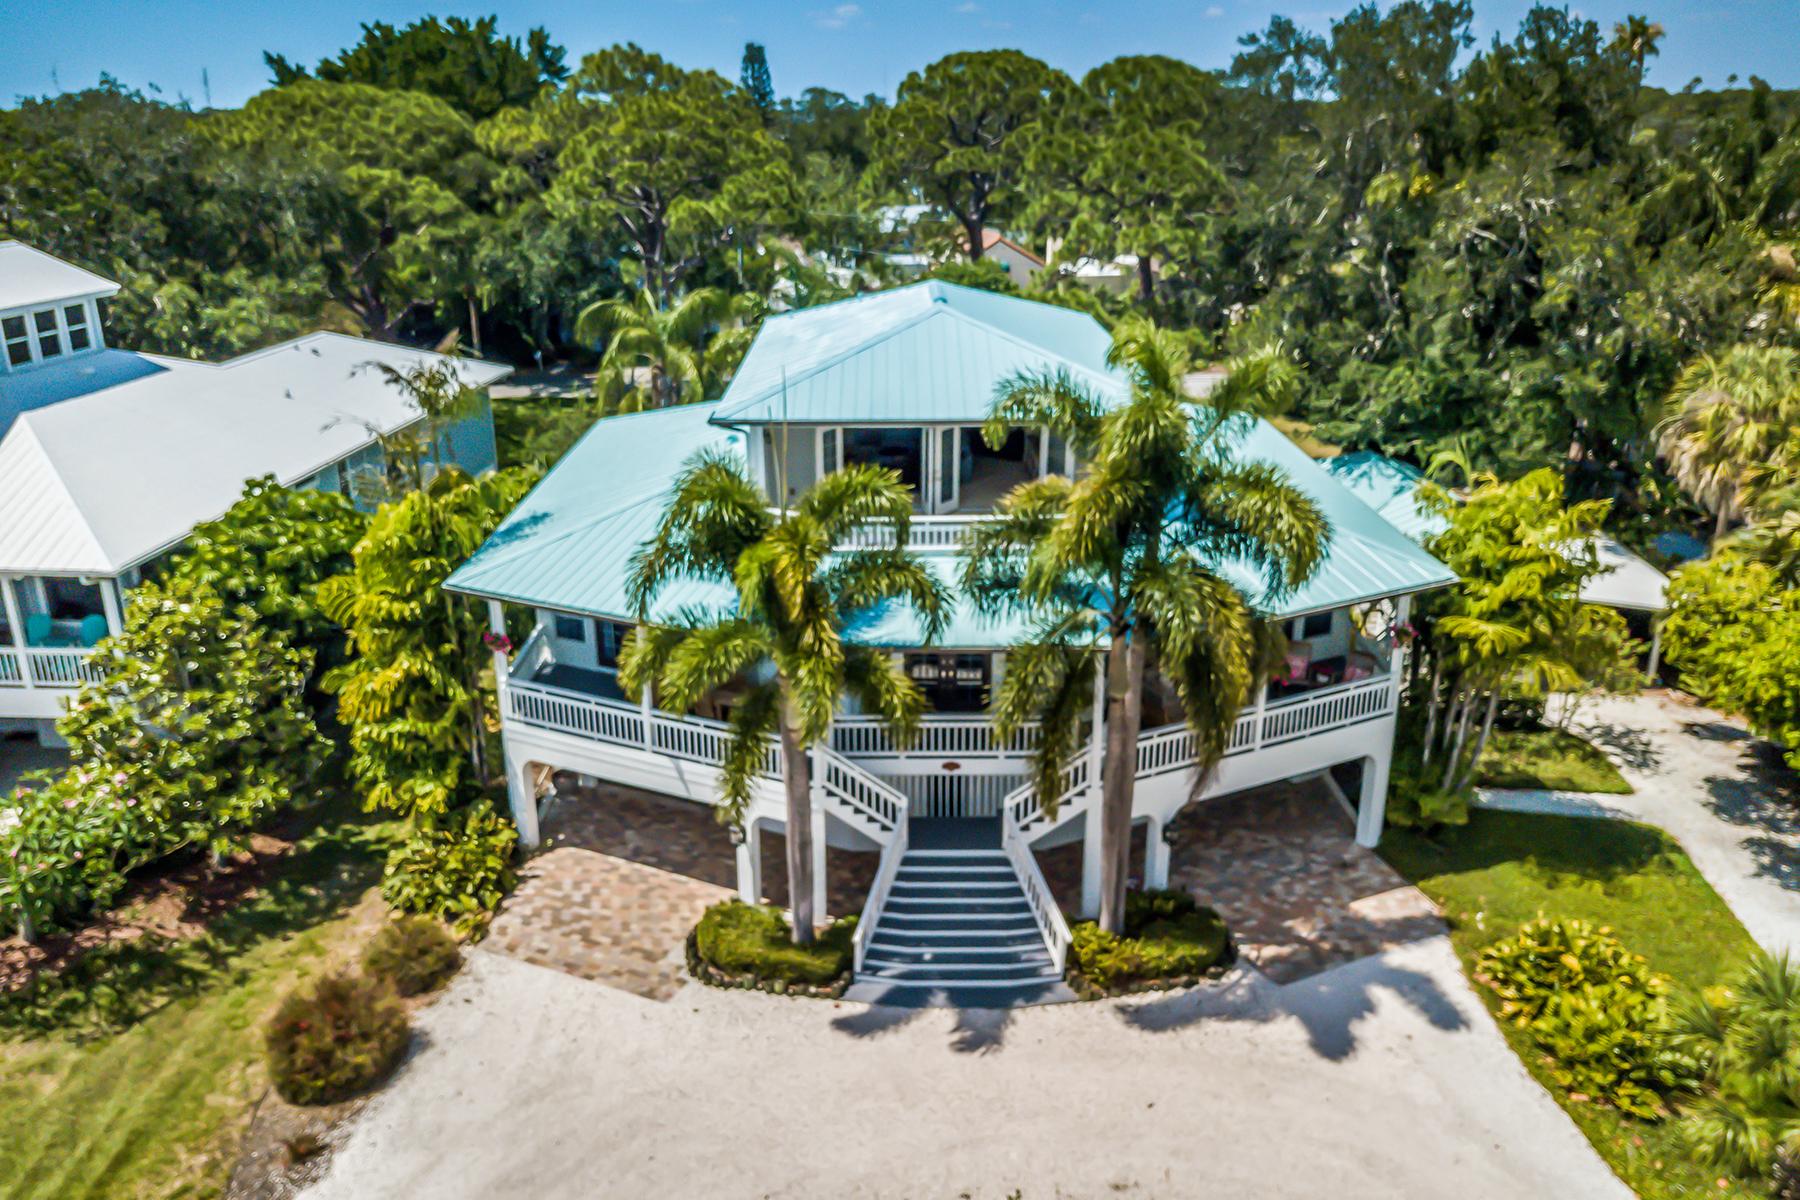 Single Family Homes for Active at NOKOMIS 200 Sunrise Dr Nokomis, Florida 34275 United States